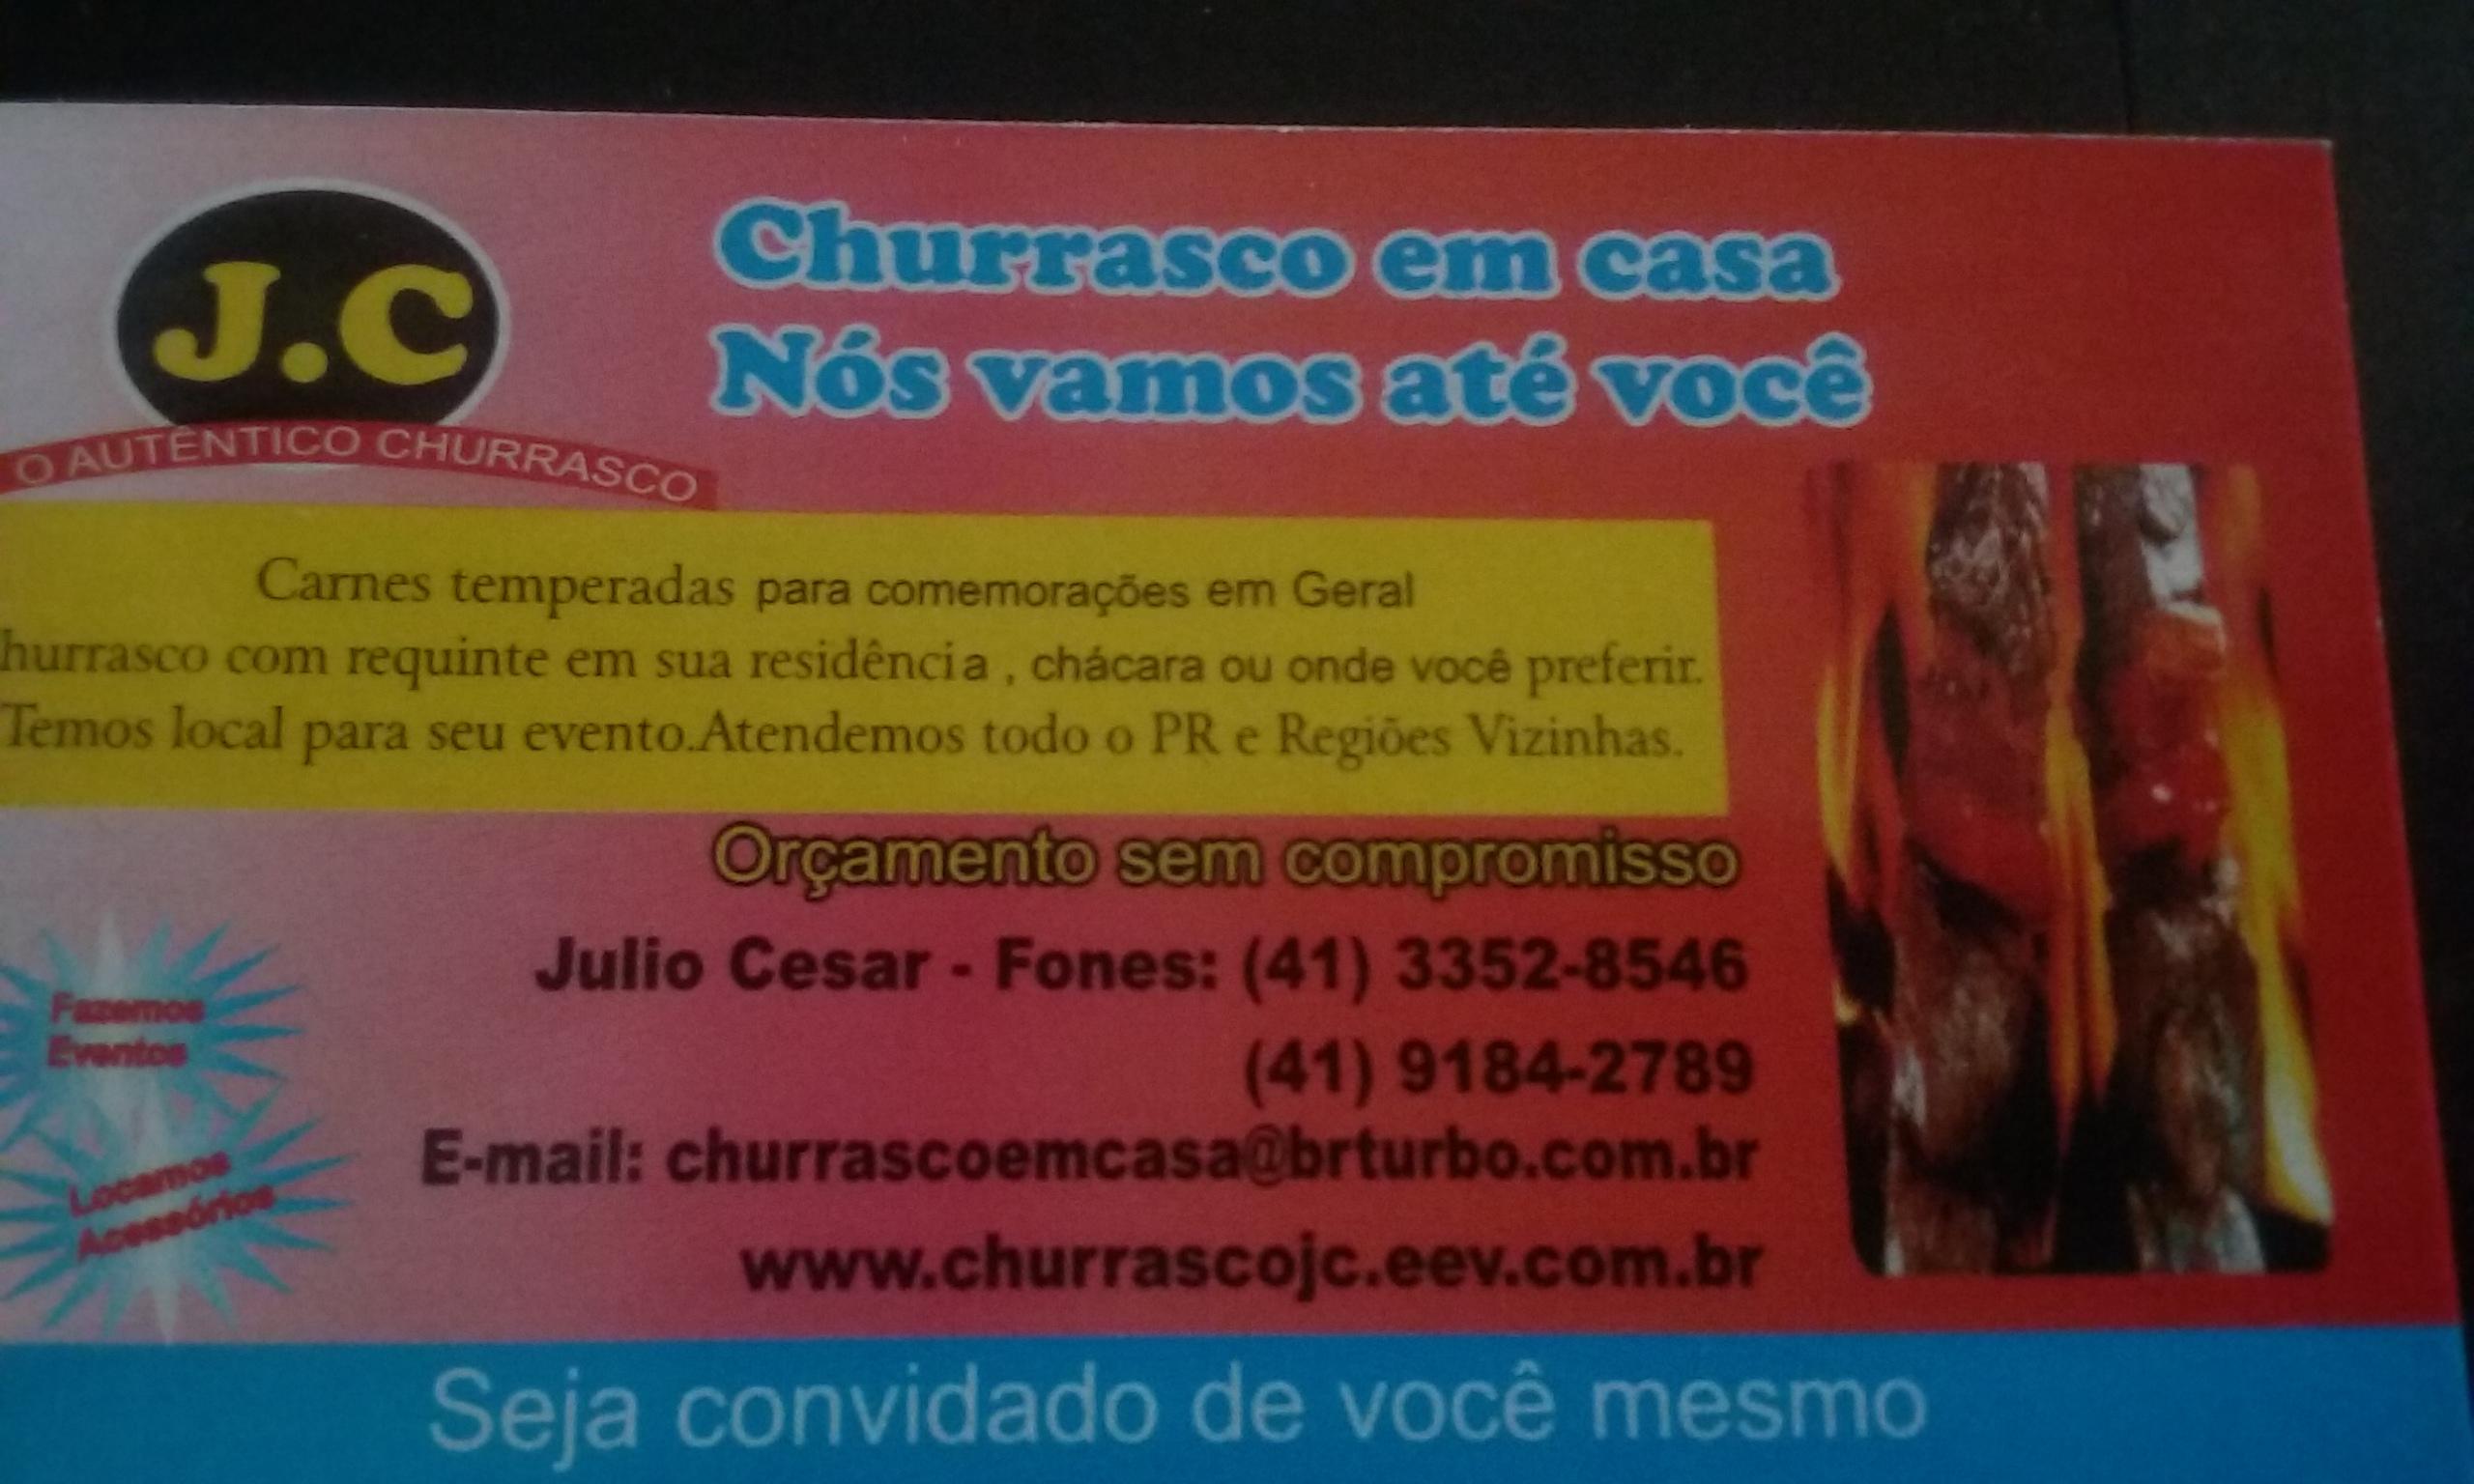 JC, Churrasco